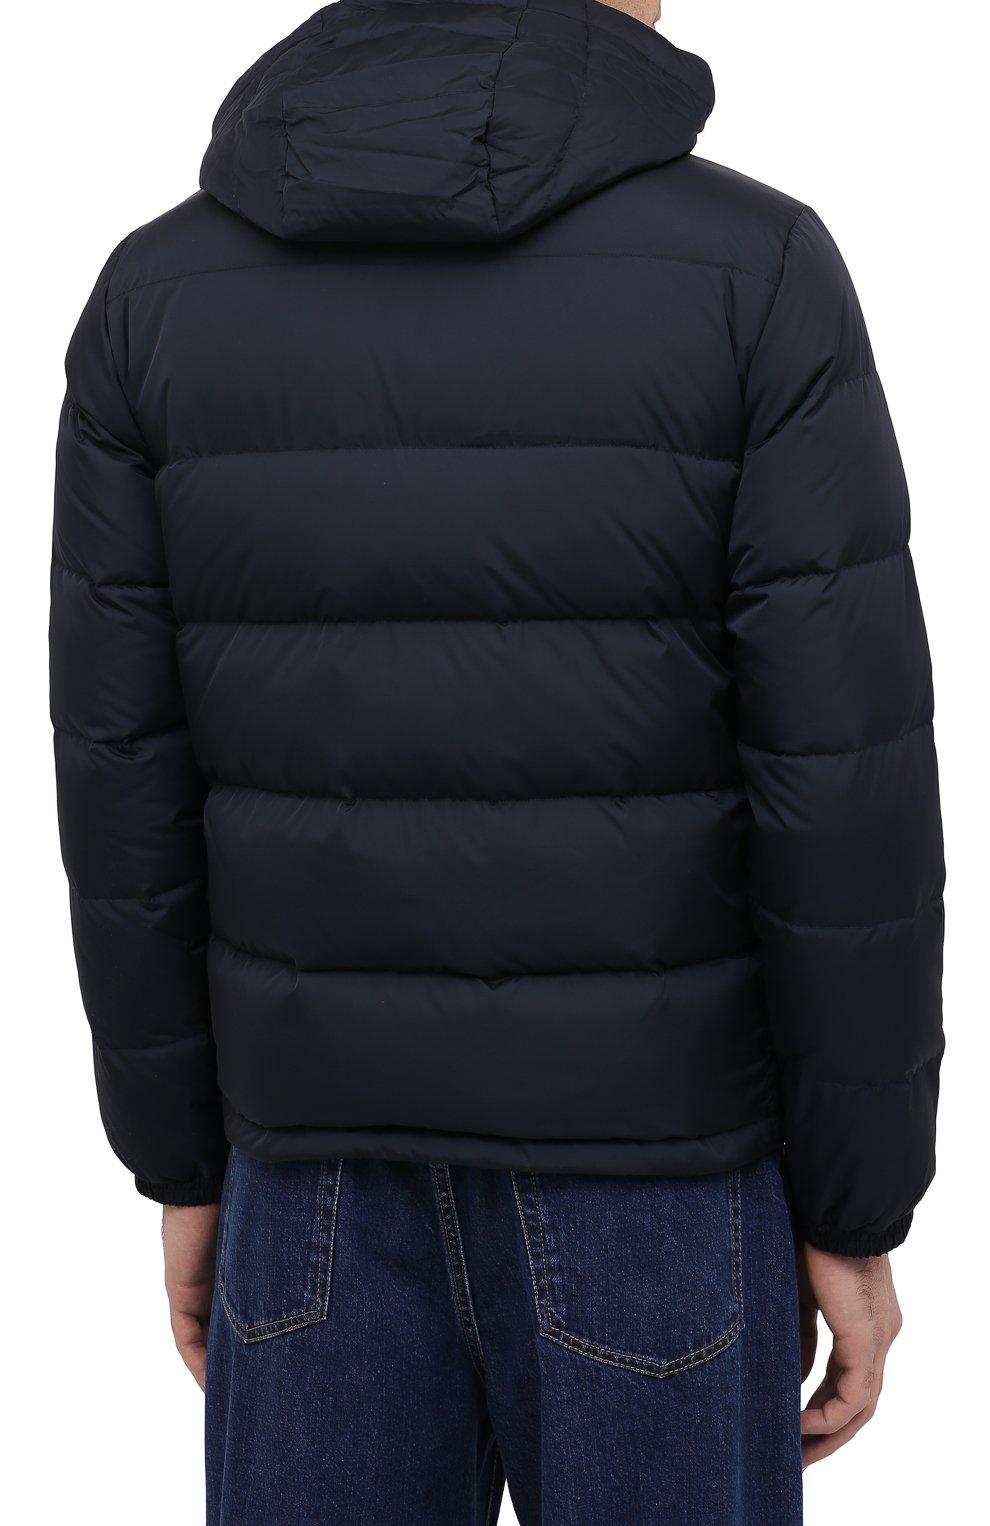 Мужская пуховая куртка ASPESI темно-синего цвета, арт. W0 I I018 7954 | Фото 6 (Кросс-КТ: Куртка, Пуховик; Мужское Кросс-КТ: пуховик-короткий, Пуховик-верхняя одежда, Верхняя одежда; Рукава: Длинные; Материал внешний: Синтетический материал; Материал подклада: Синтетический материал; Длина (верхняя одежда): Короткие; Стили: Кэжуэл)